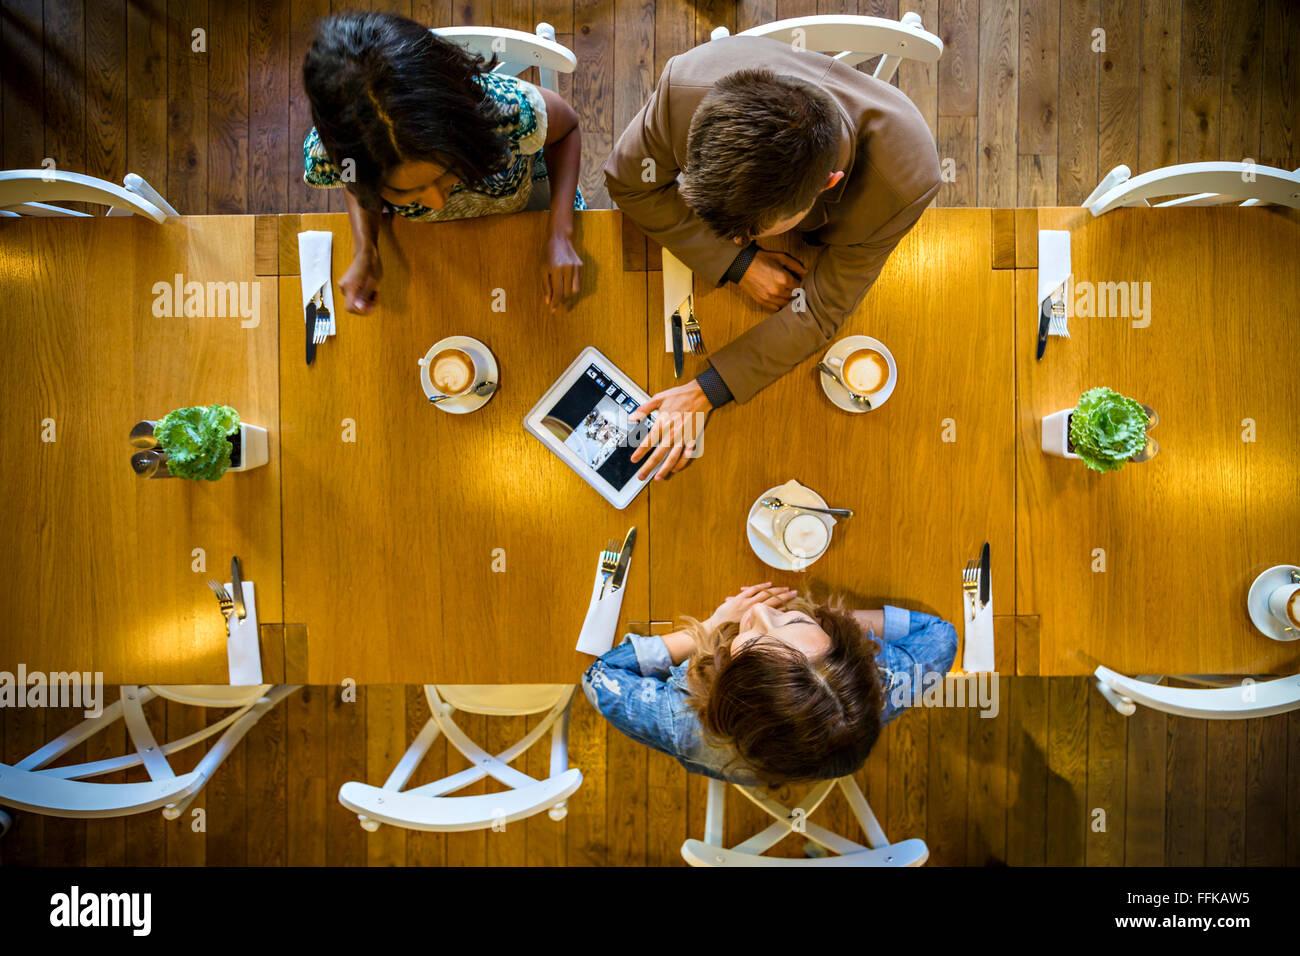 Amigos usando la tableta digital en restaurante. Imagen De Stock